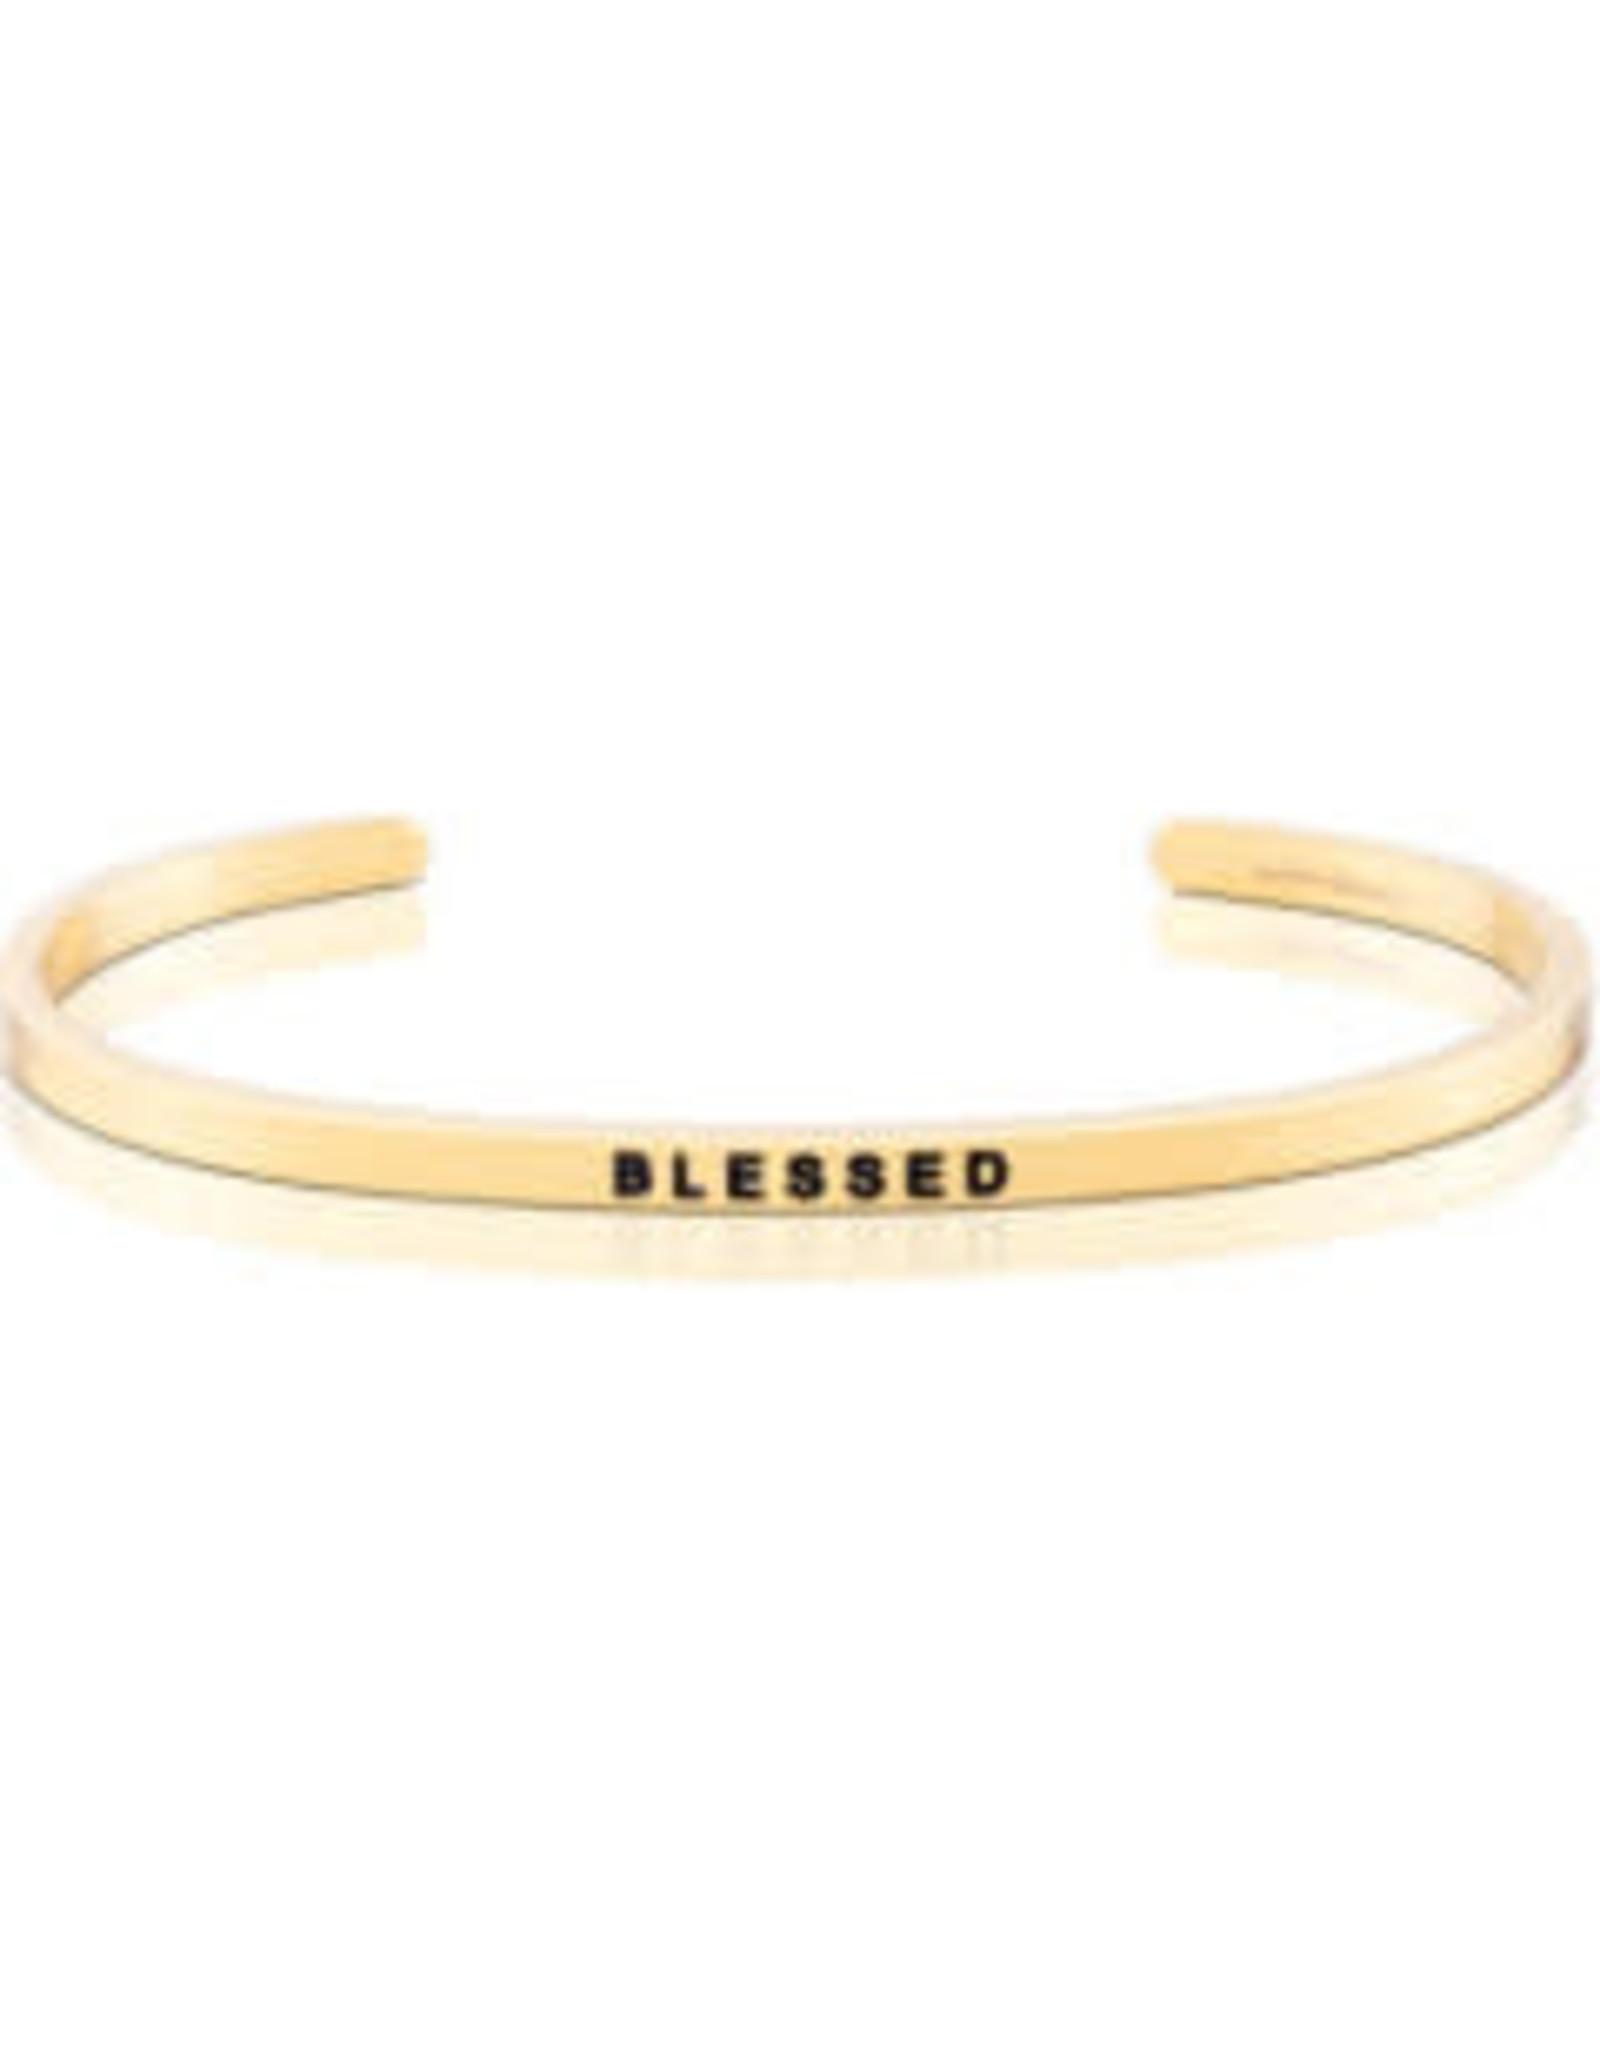 MantraBand MantraBand Bracelet, Blessed